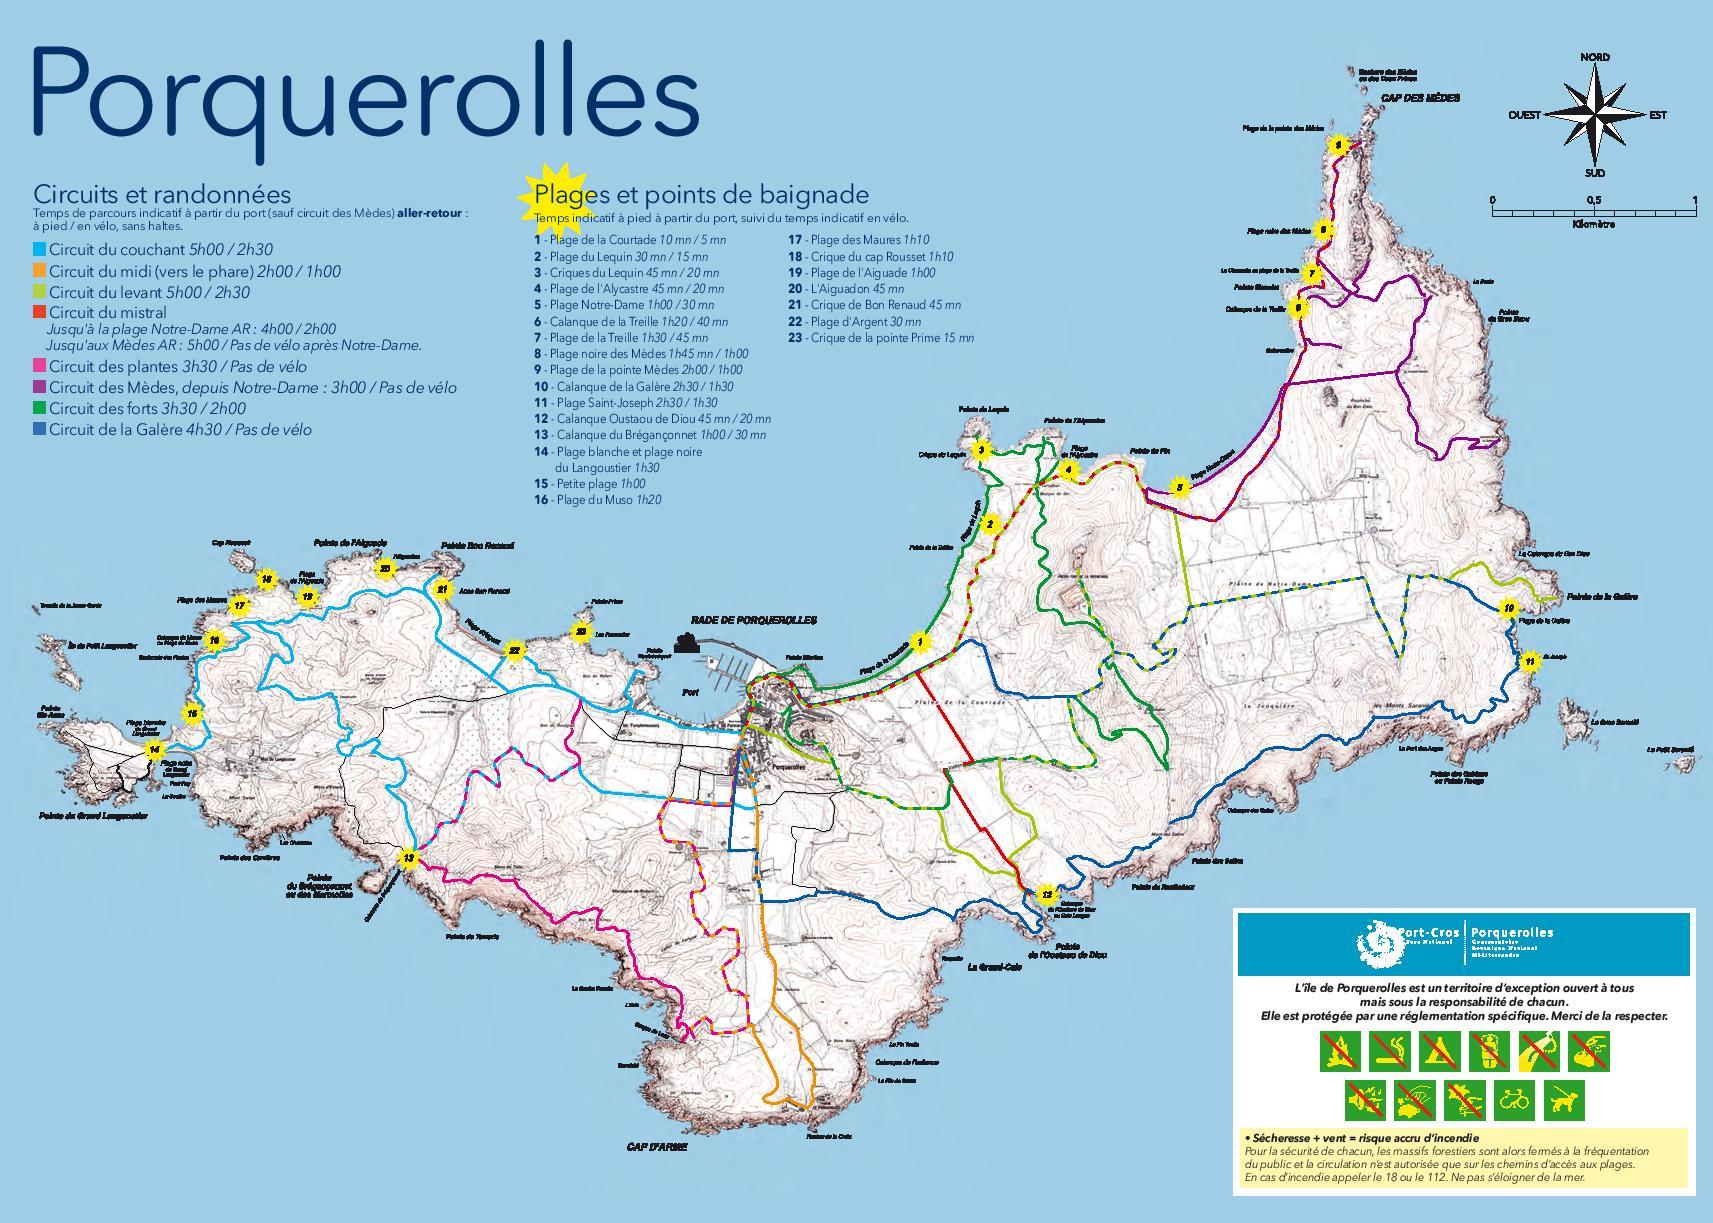 Plan de l'ïle de Porquerolles pour location de vélosLa Bécane